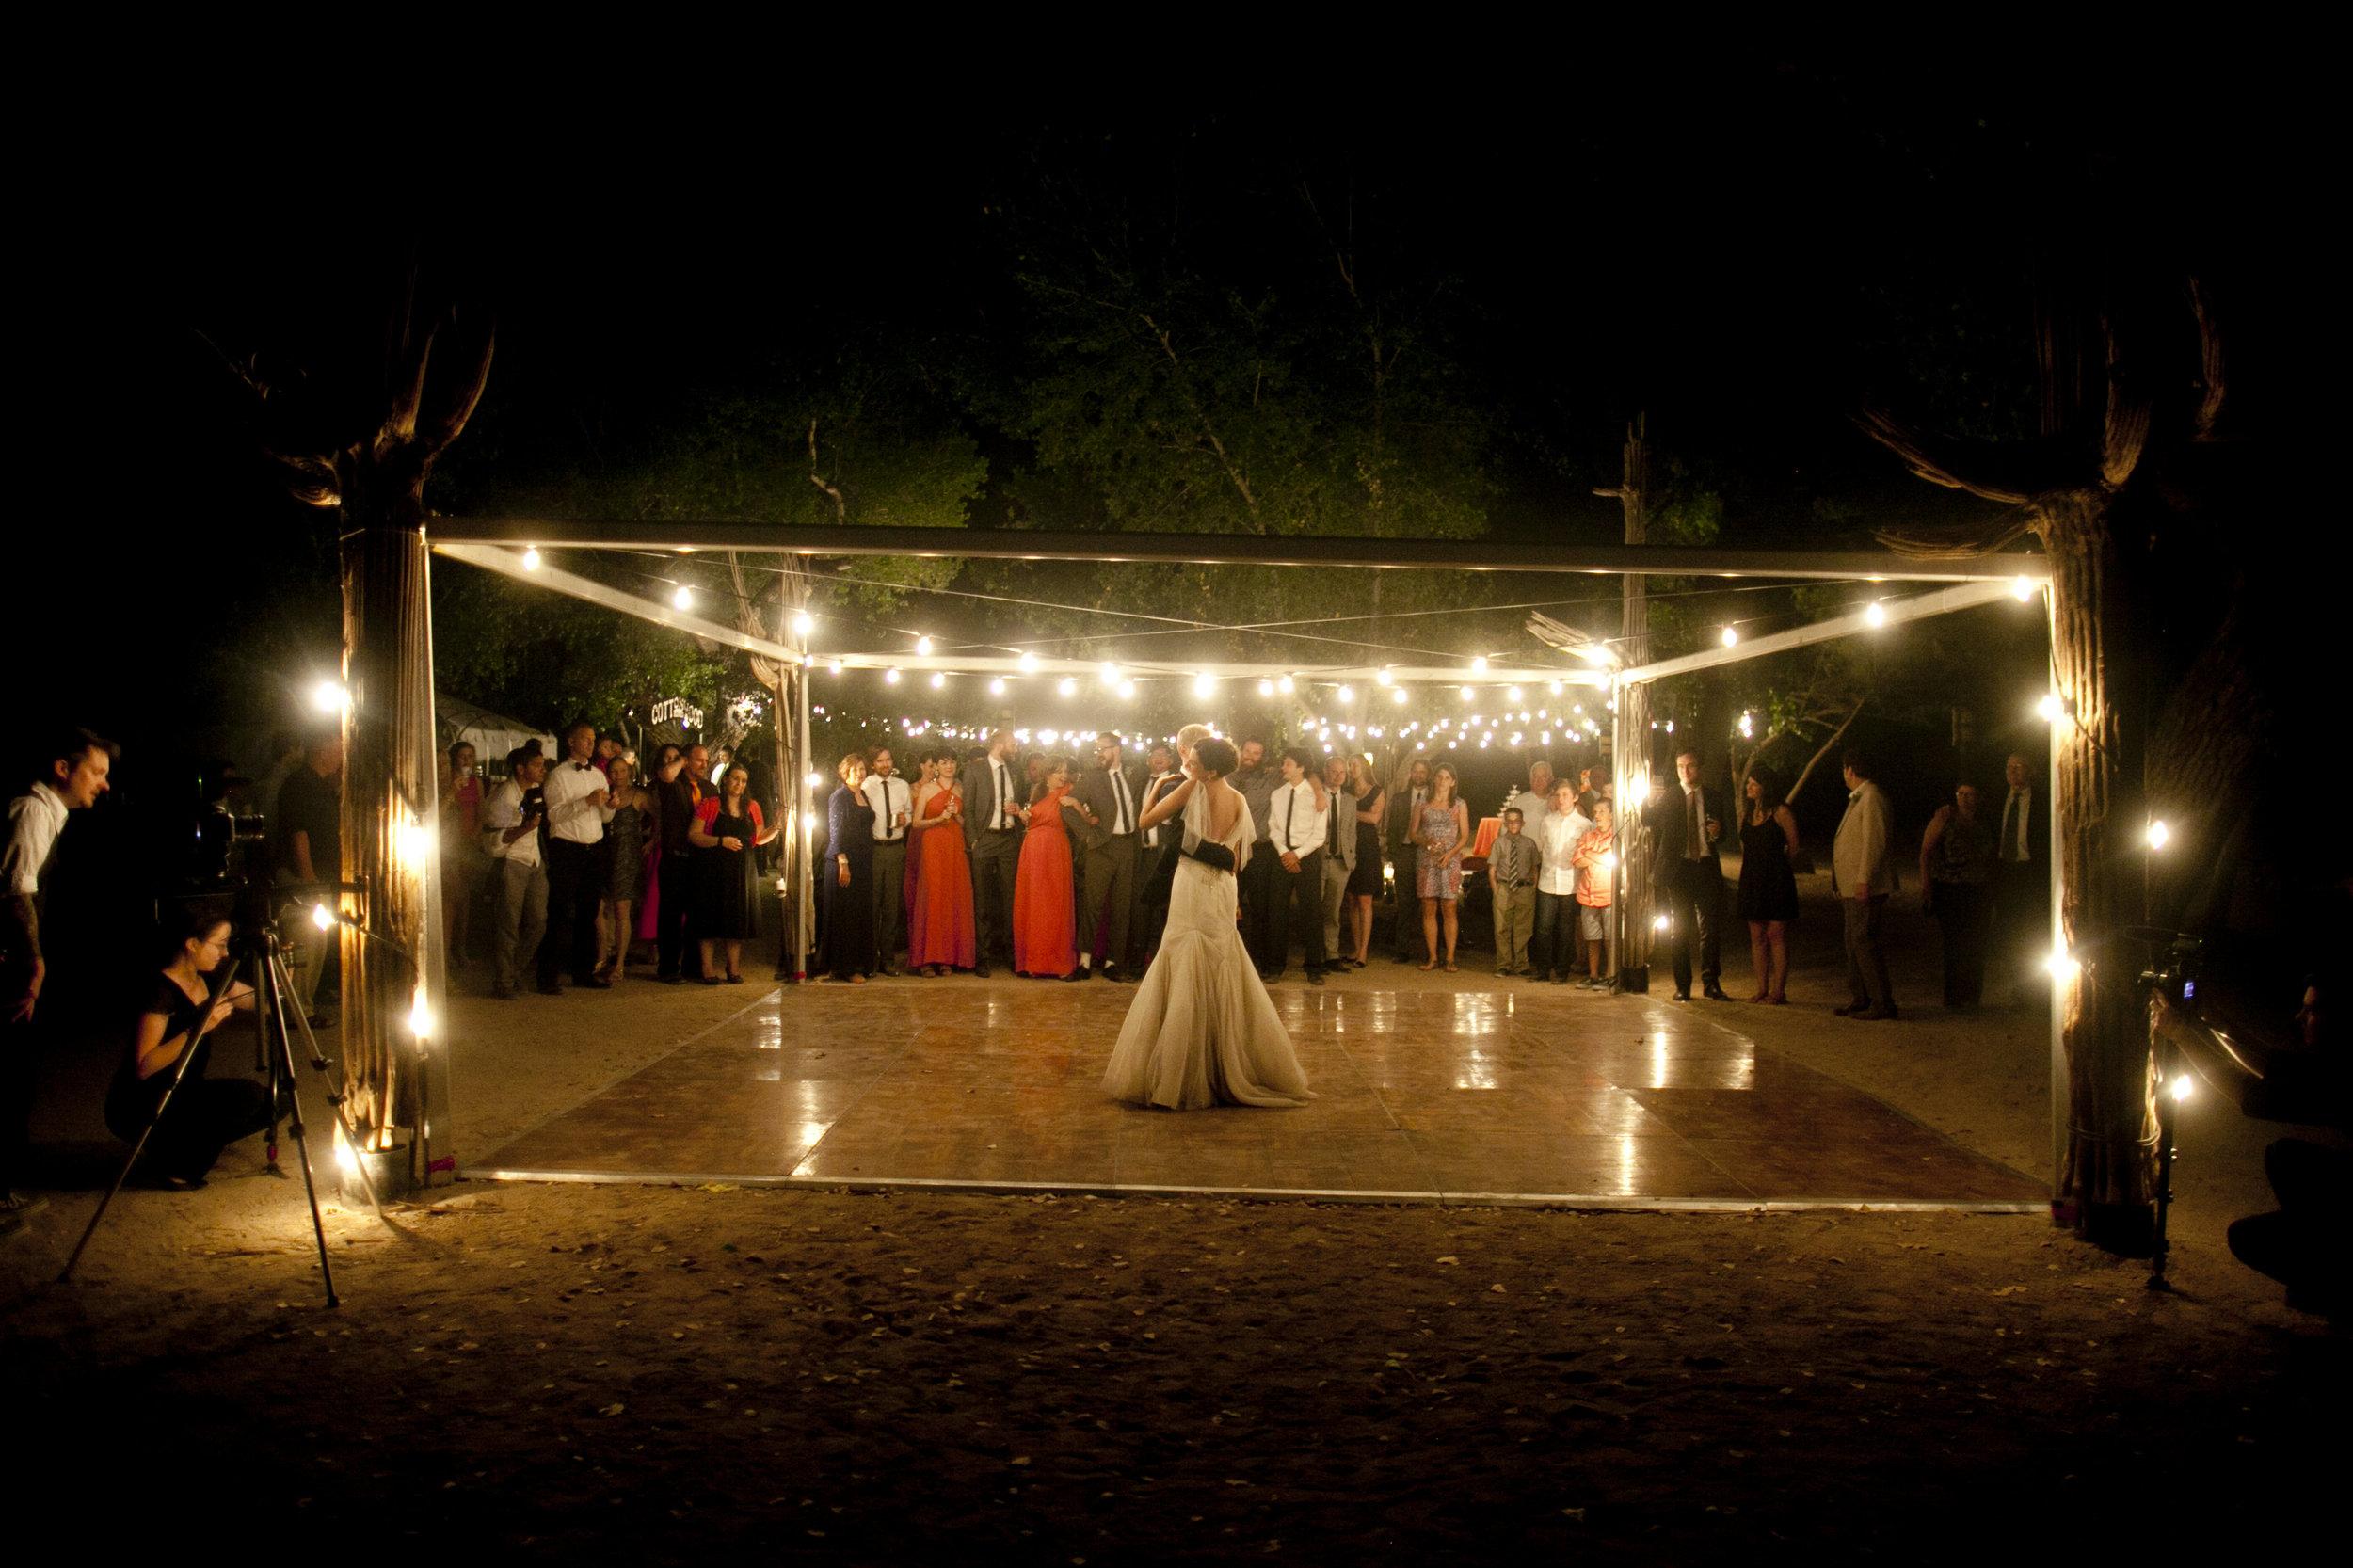 Ceci_New_York_Ceci_Style_Ceci_Johnson_Luxury_Lifestyle_Arizona_Wedding_Watercolor_Inspiration_Design_Custom_Couture_Personalized_Invitations_203.jpg